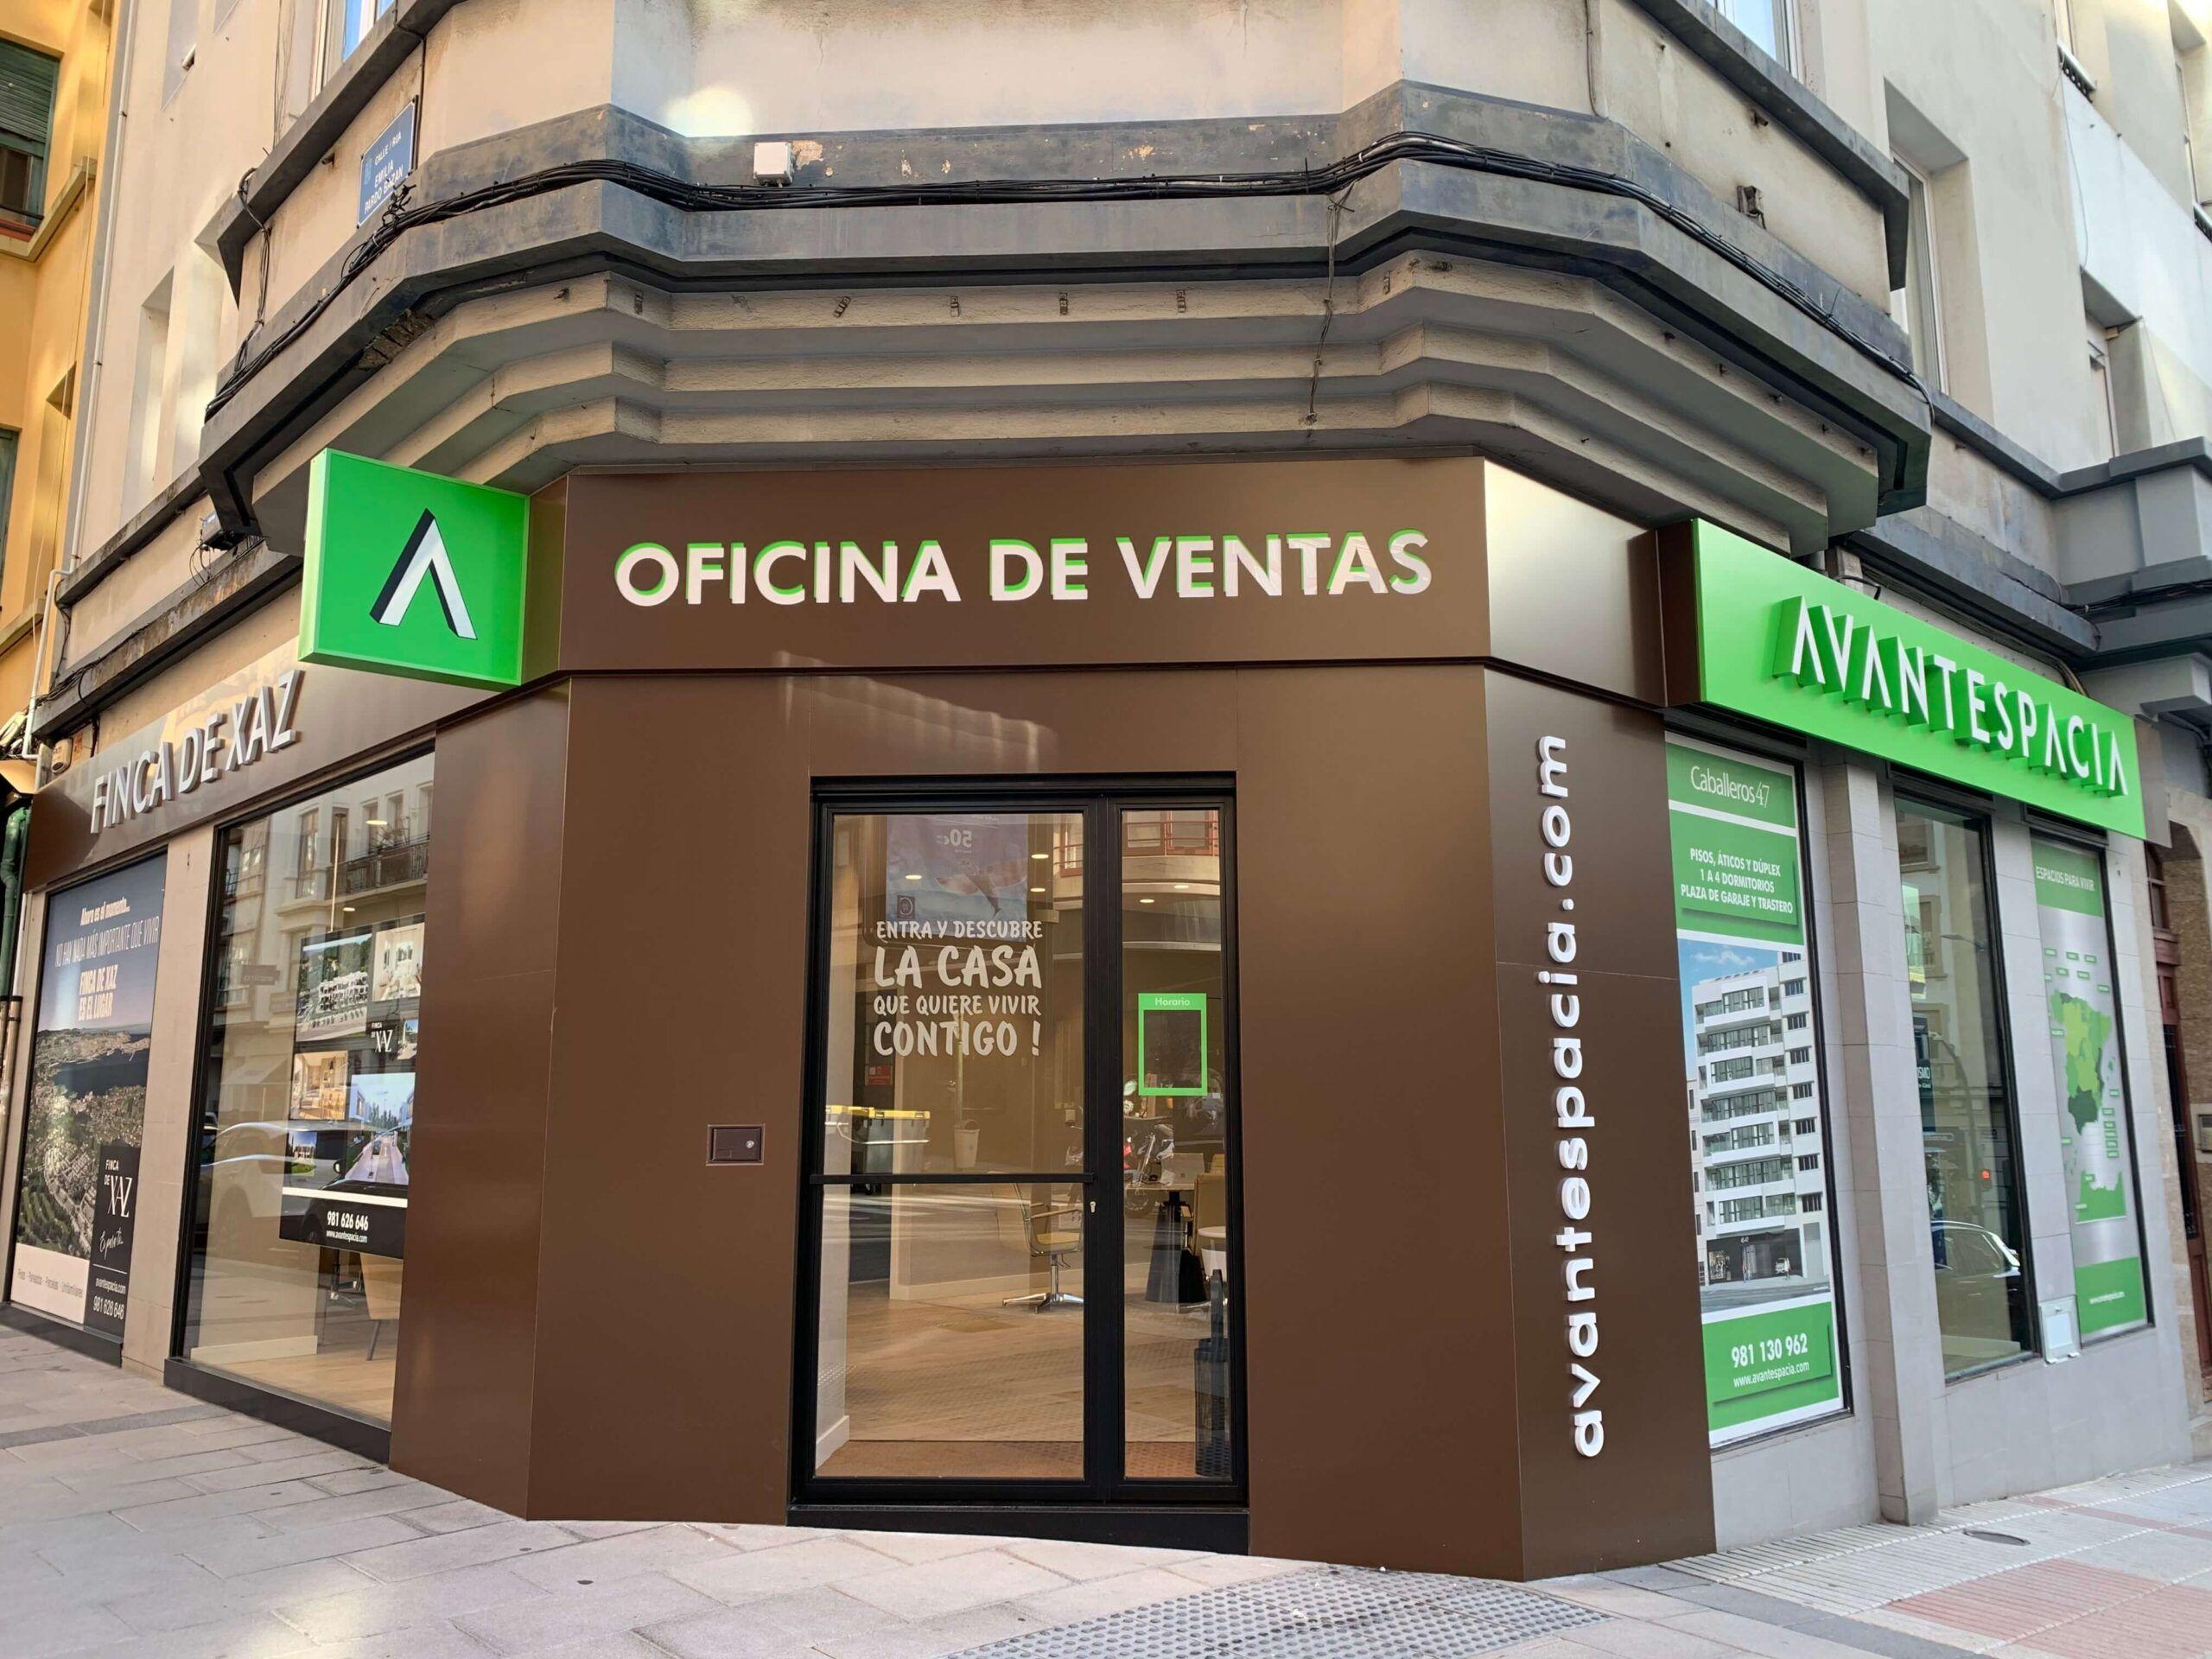 Avantespacia abre una nueva oficina en el centro de A Coruña